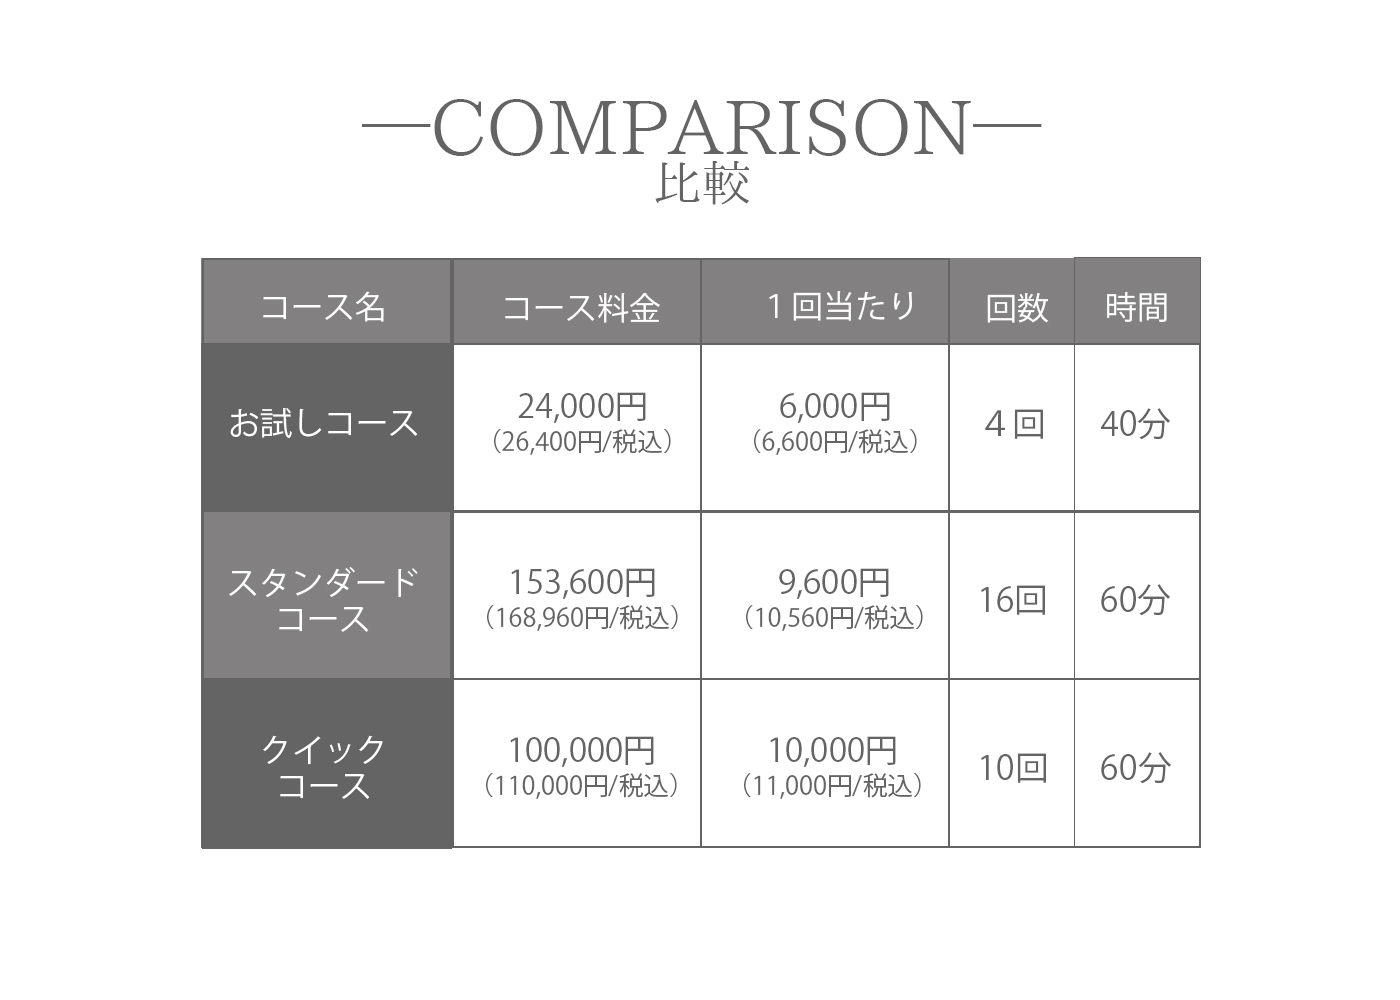 池袋パーソナルジムPlus B Lab料金表